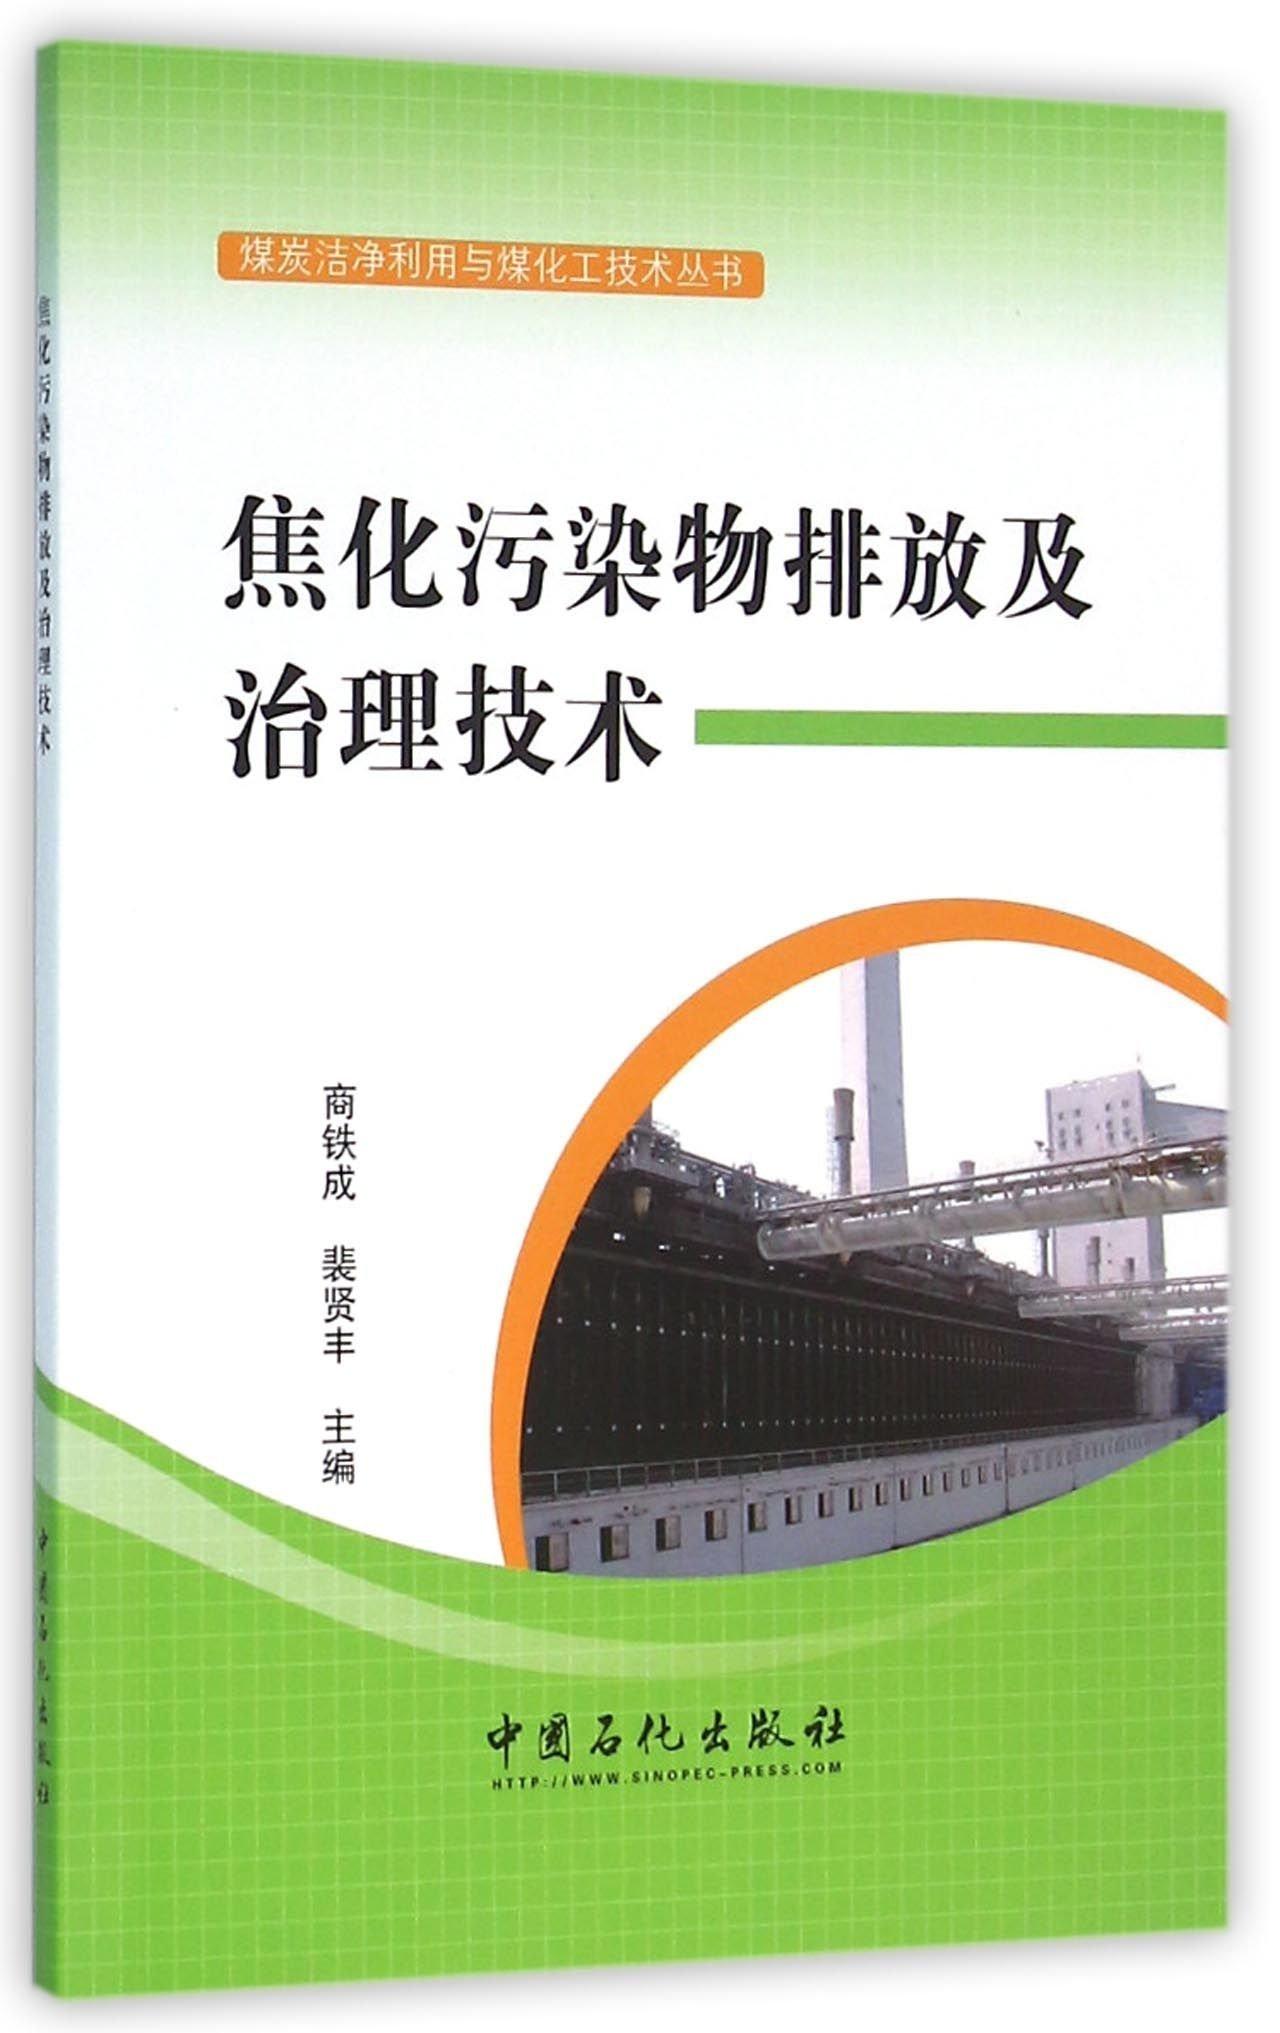 Read Online 焦化污染物排放及治理技术/煤炭洁净利用与煤化工技术丛书 PDF